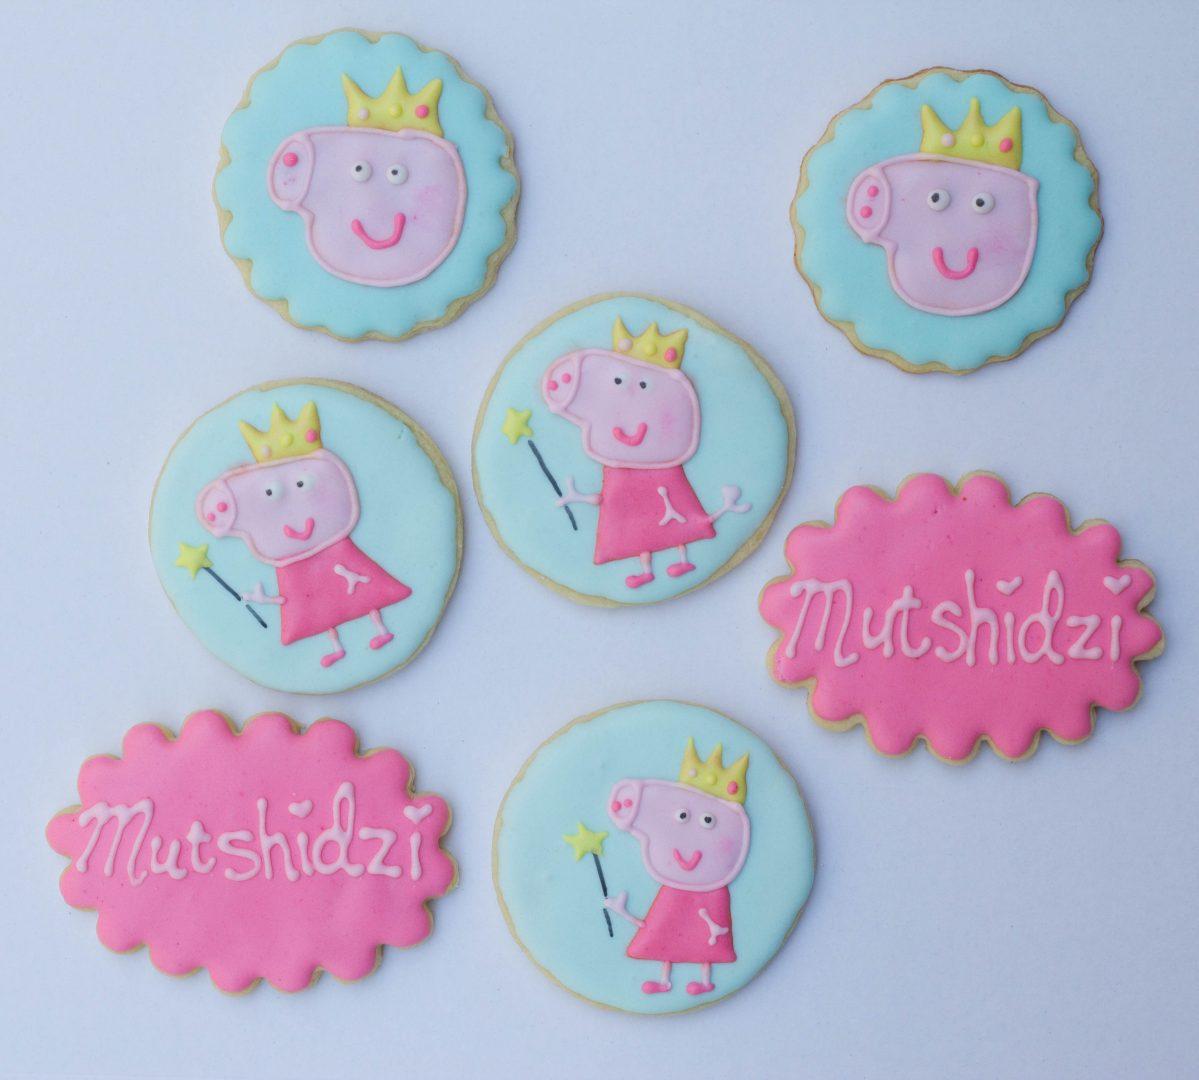 Peppa Pig Themed Cookies